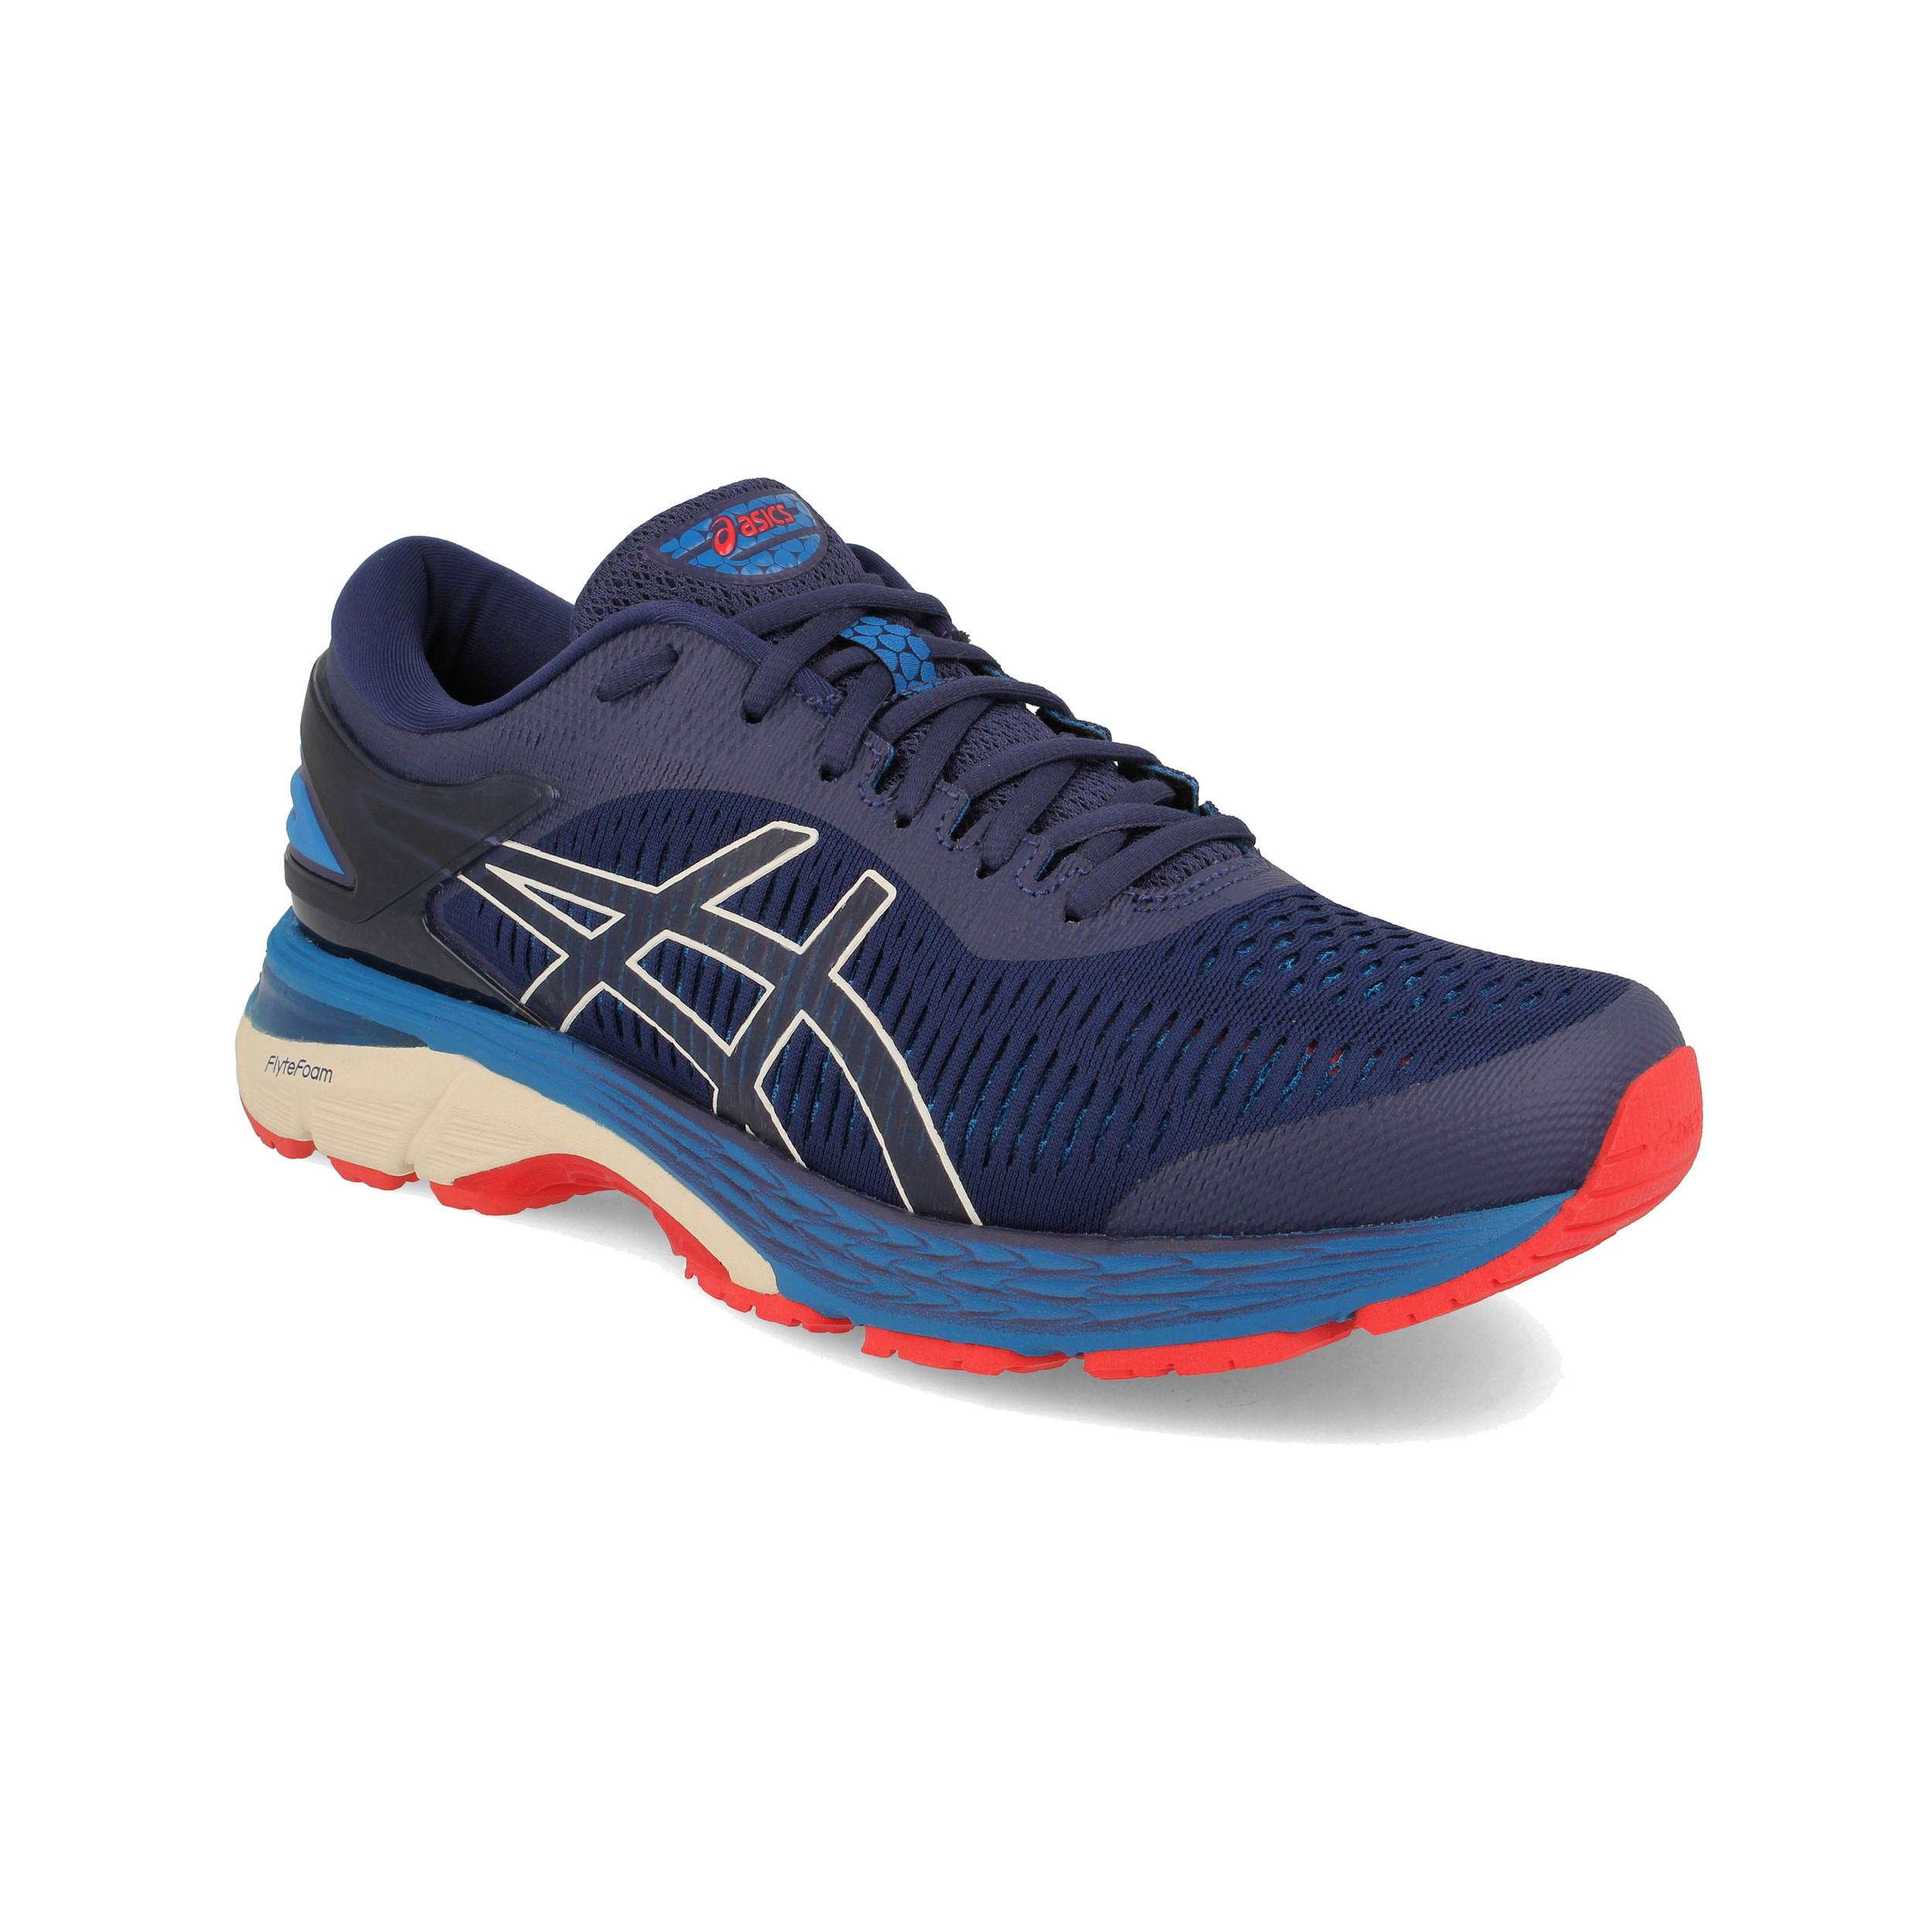 Asics Trainers  Herren Gel-Kayano 25 Running Schuhes Trainers Asics Turnschuhe Navy Blau Sports 759f33